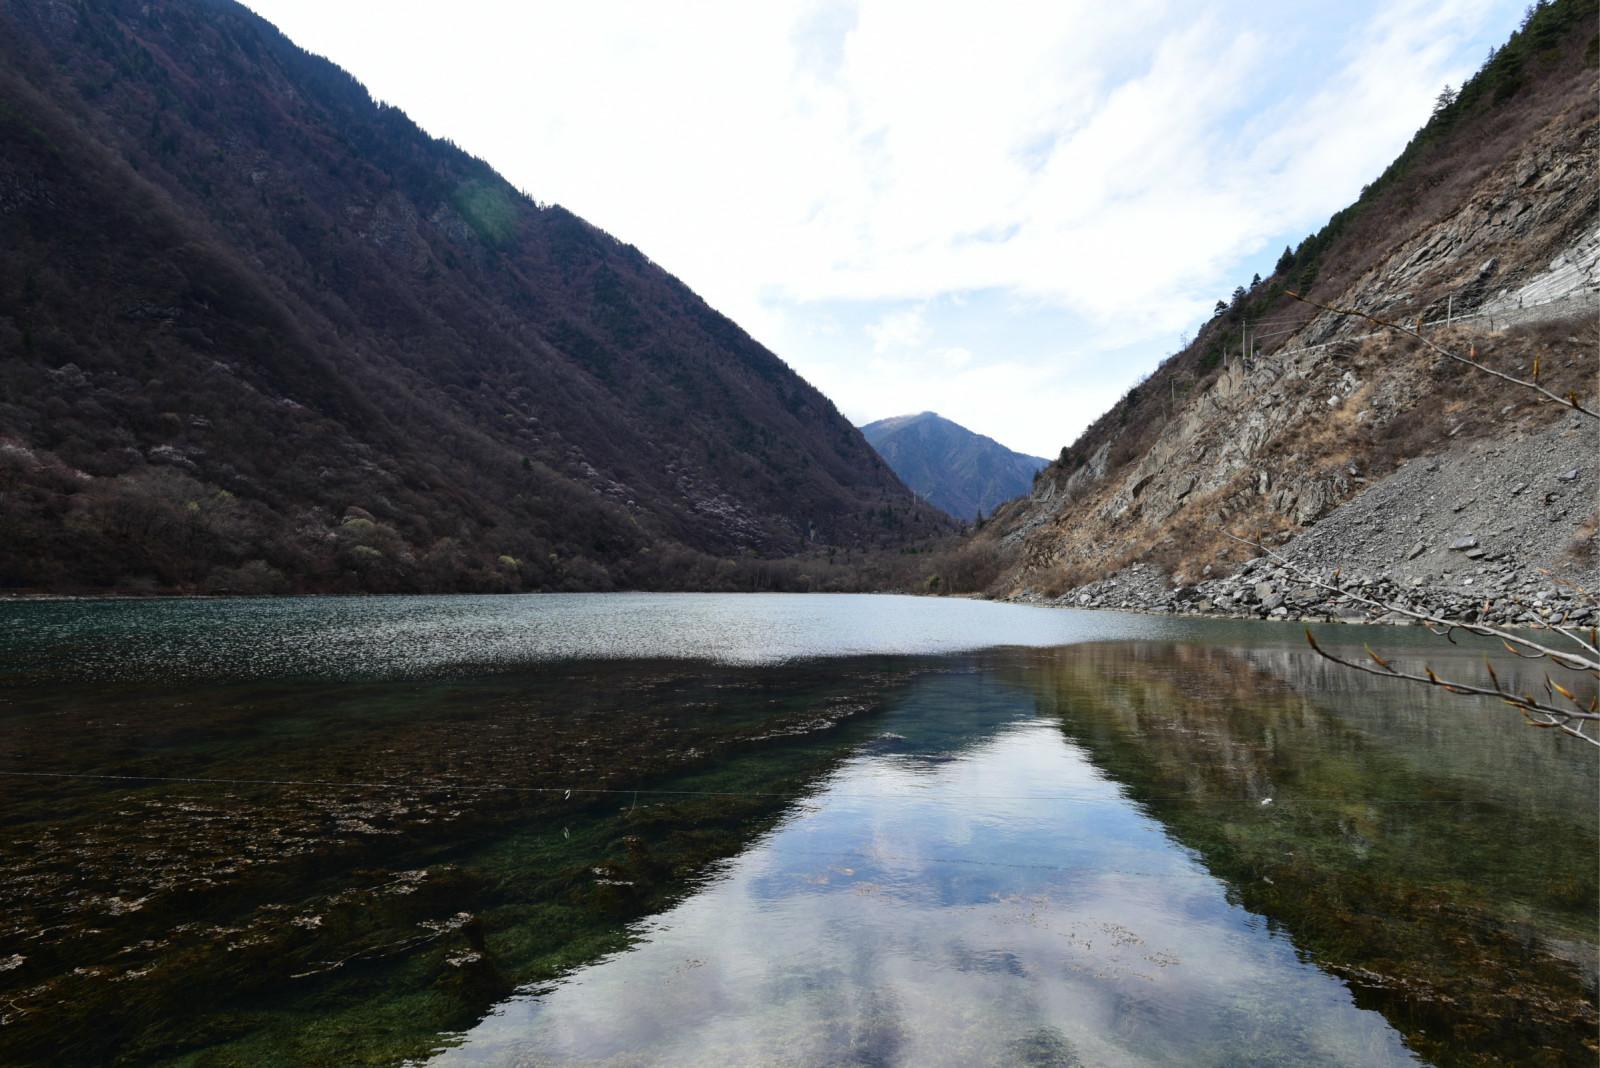 以雄山,异水,秀林,幽沟,地震遗址,羌族民俗风情为游客瞩目,富贵山